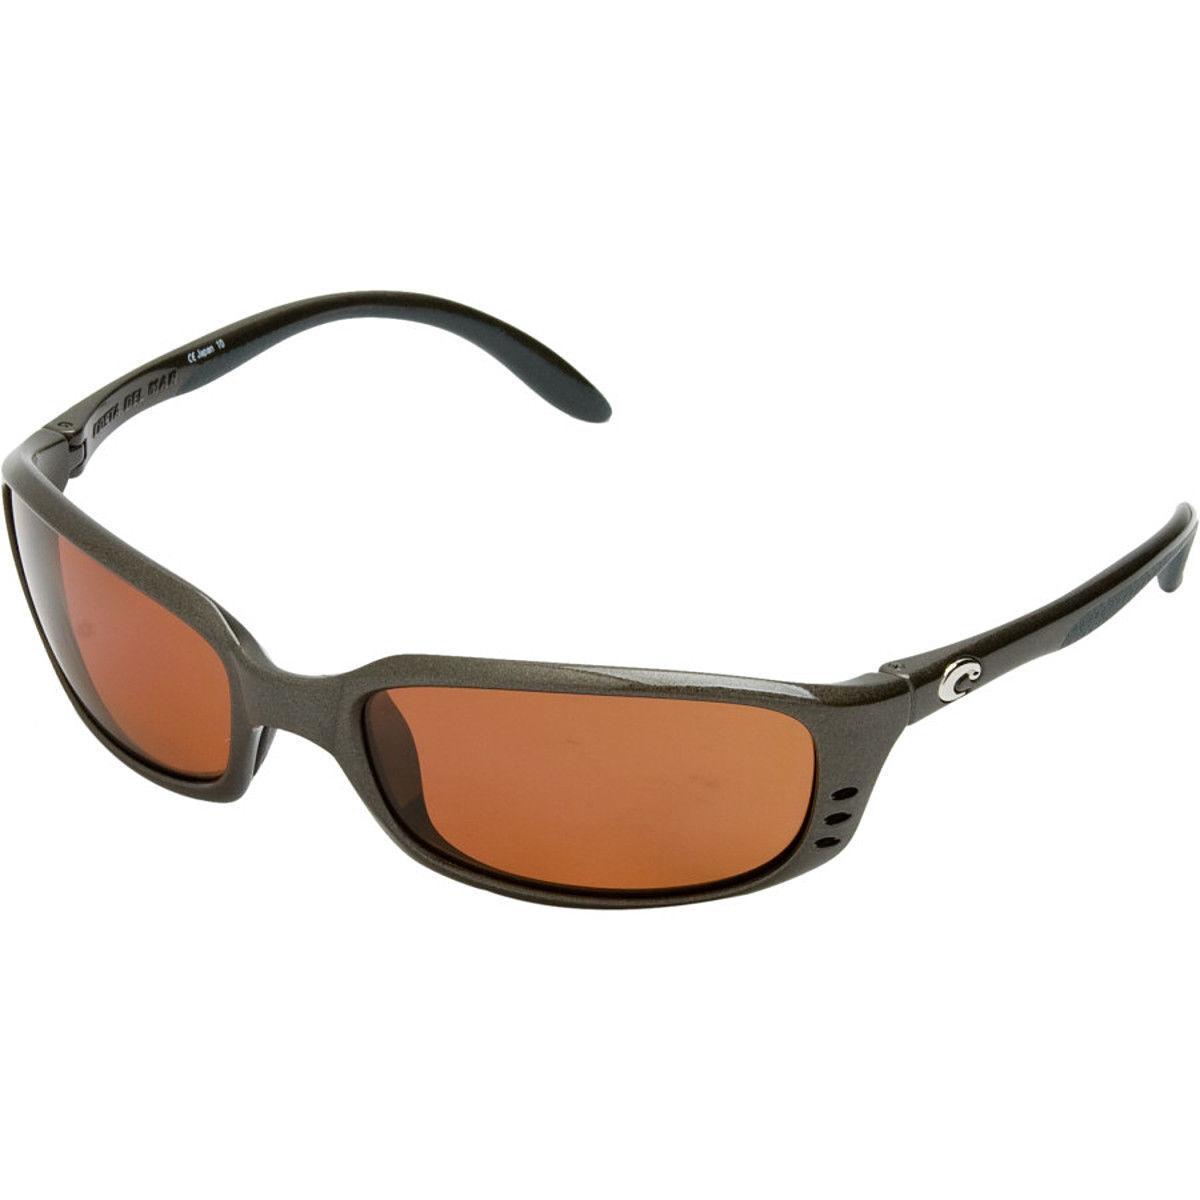 Costa Del Mar Brine Polarized 580P Sunglasses Gunmetal Copper BR 22 OSCP NEW